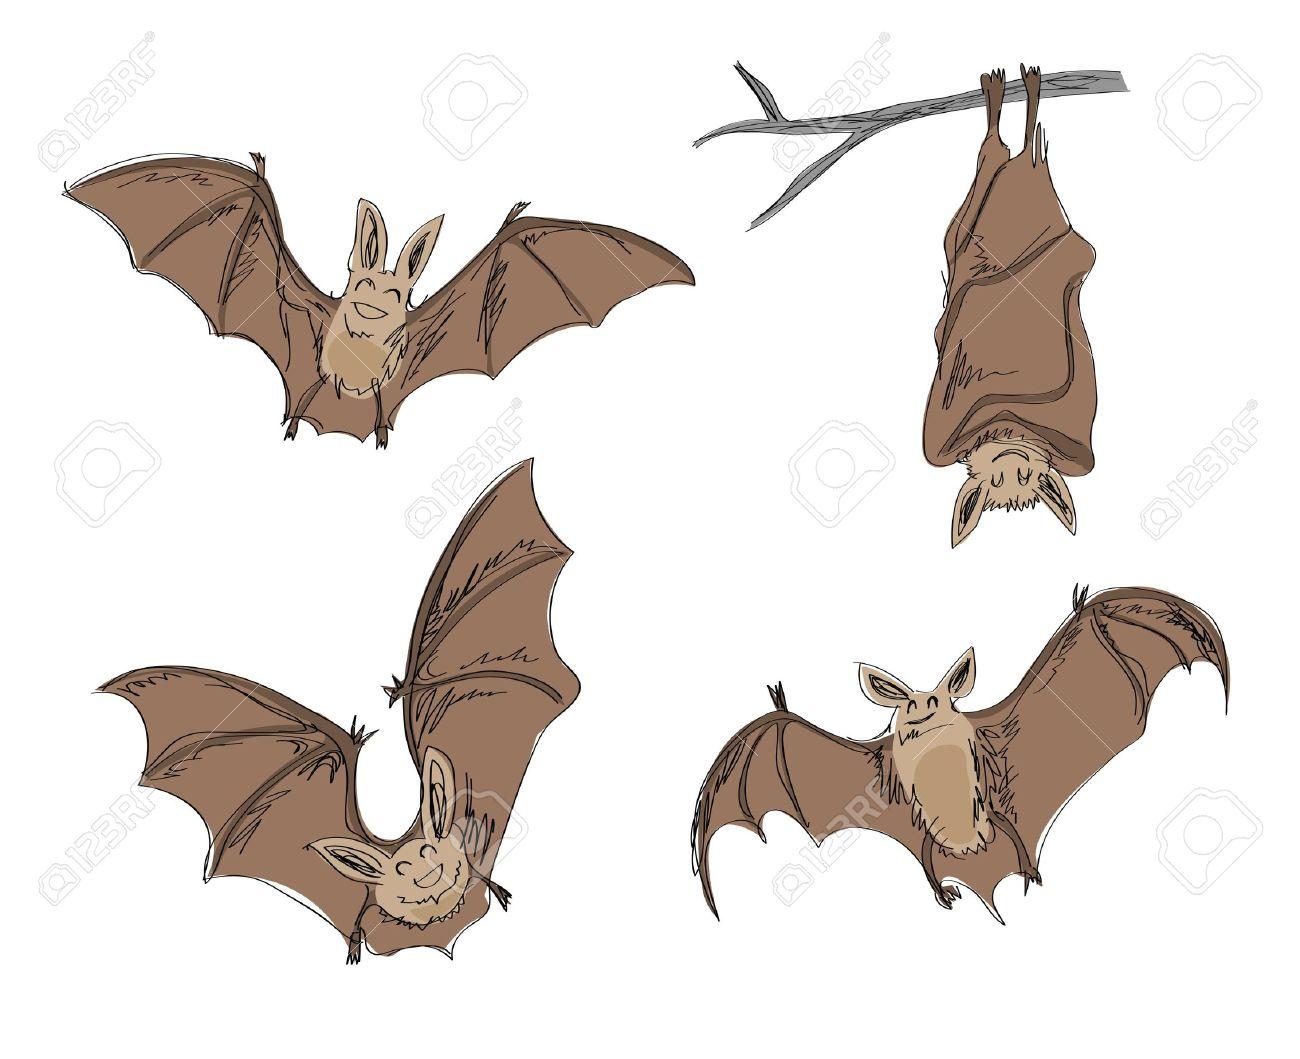 cartoon bat images u0026 stock pictures royalty free cartoon bat